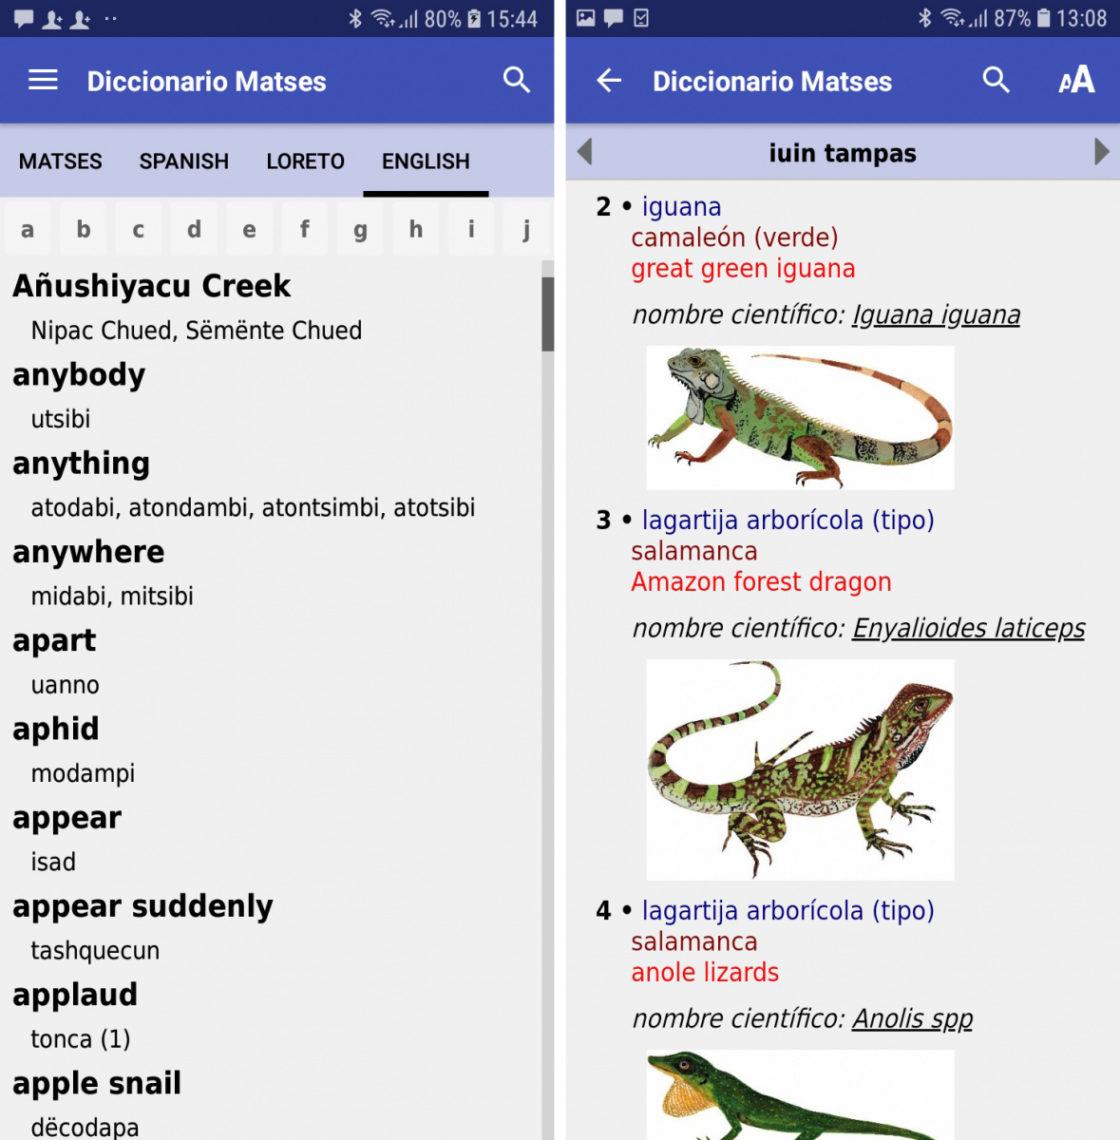 matsés dictionary app